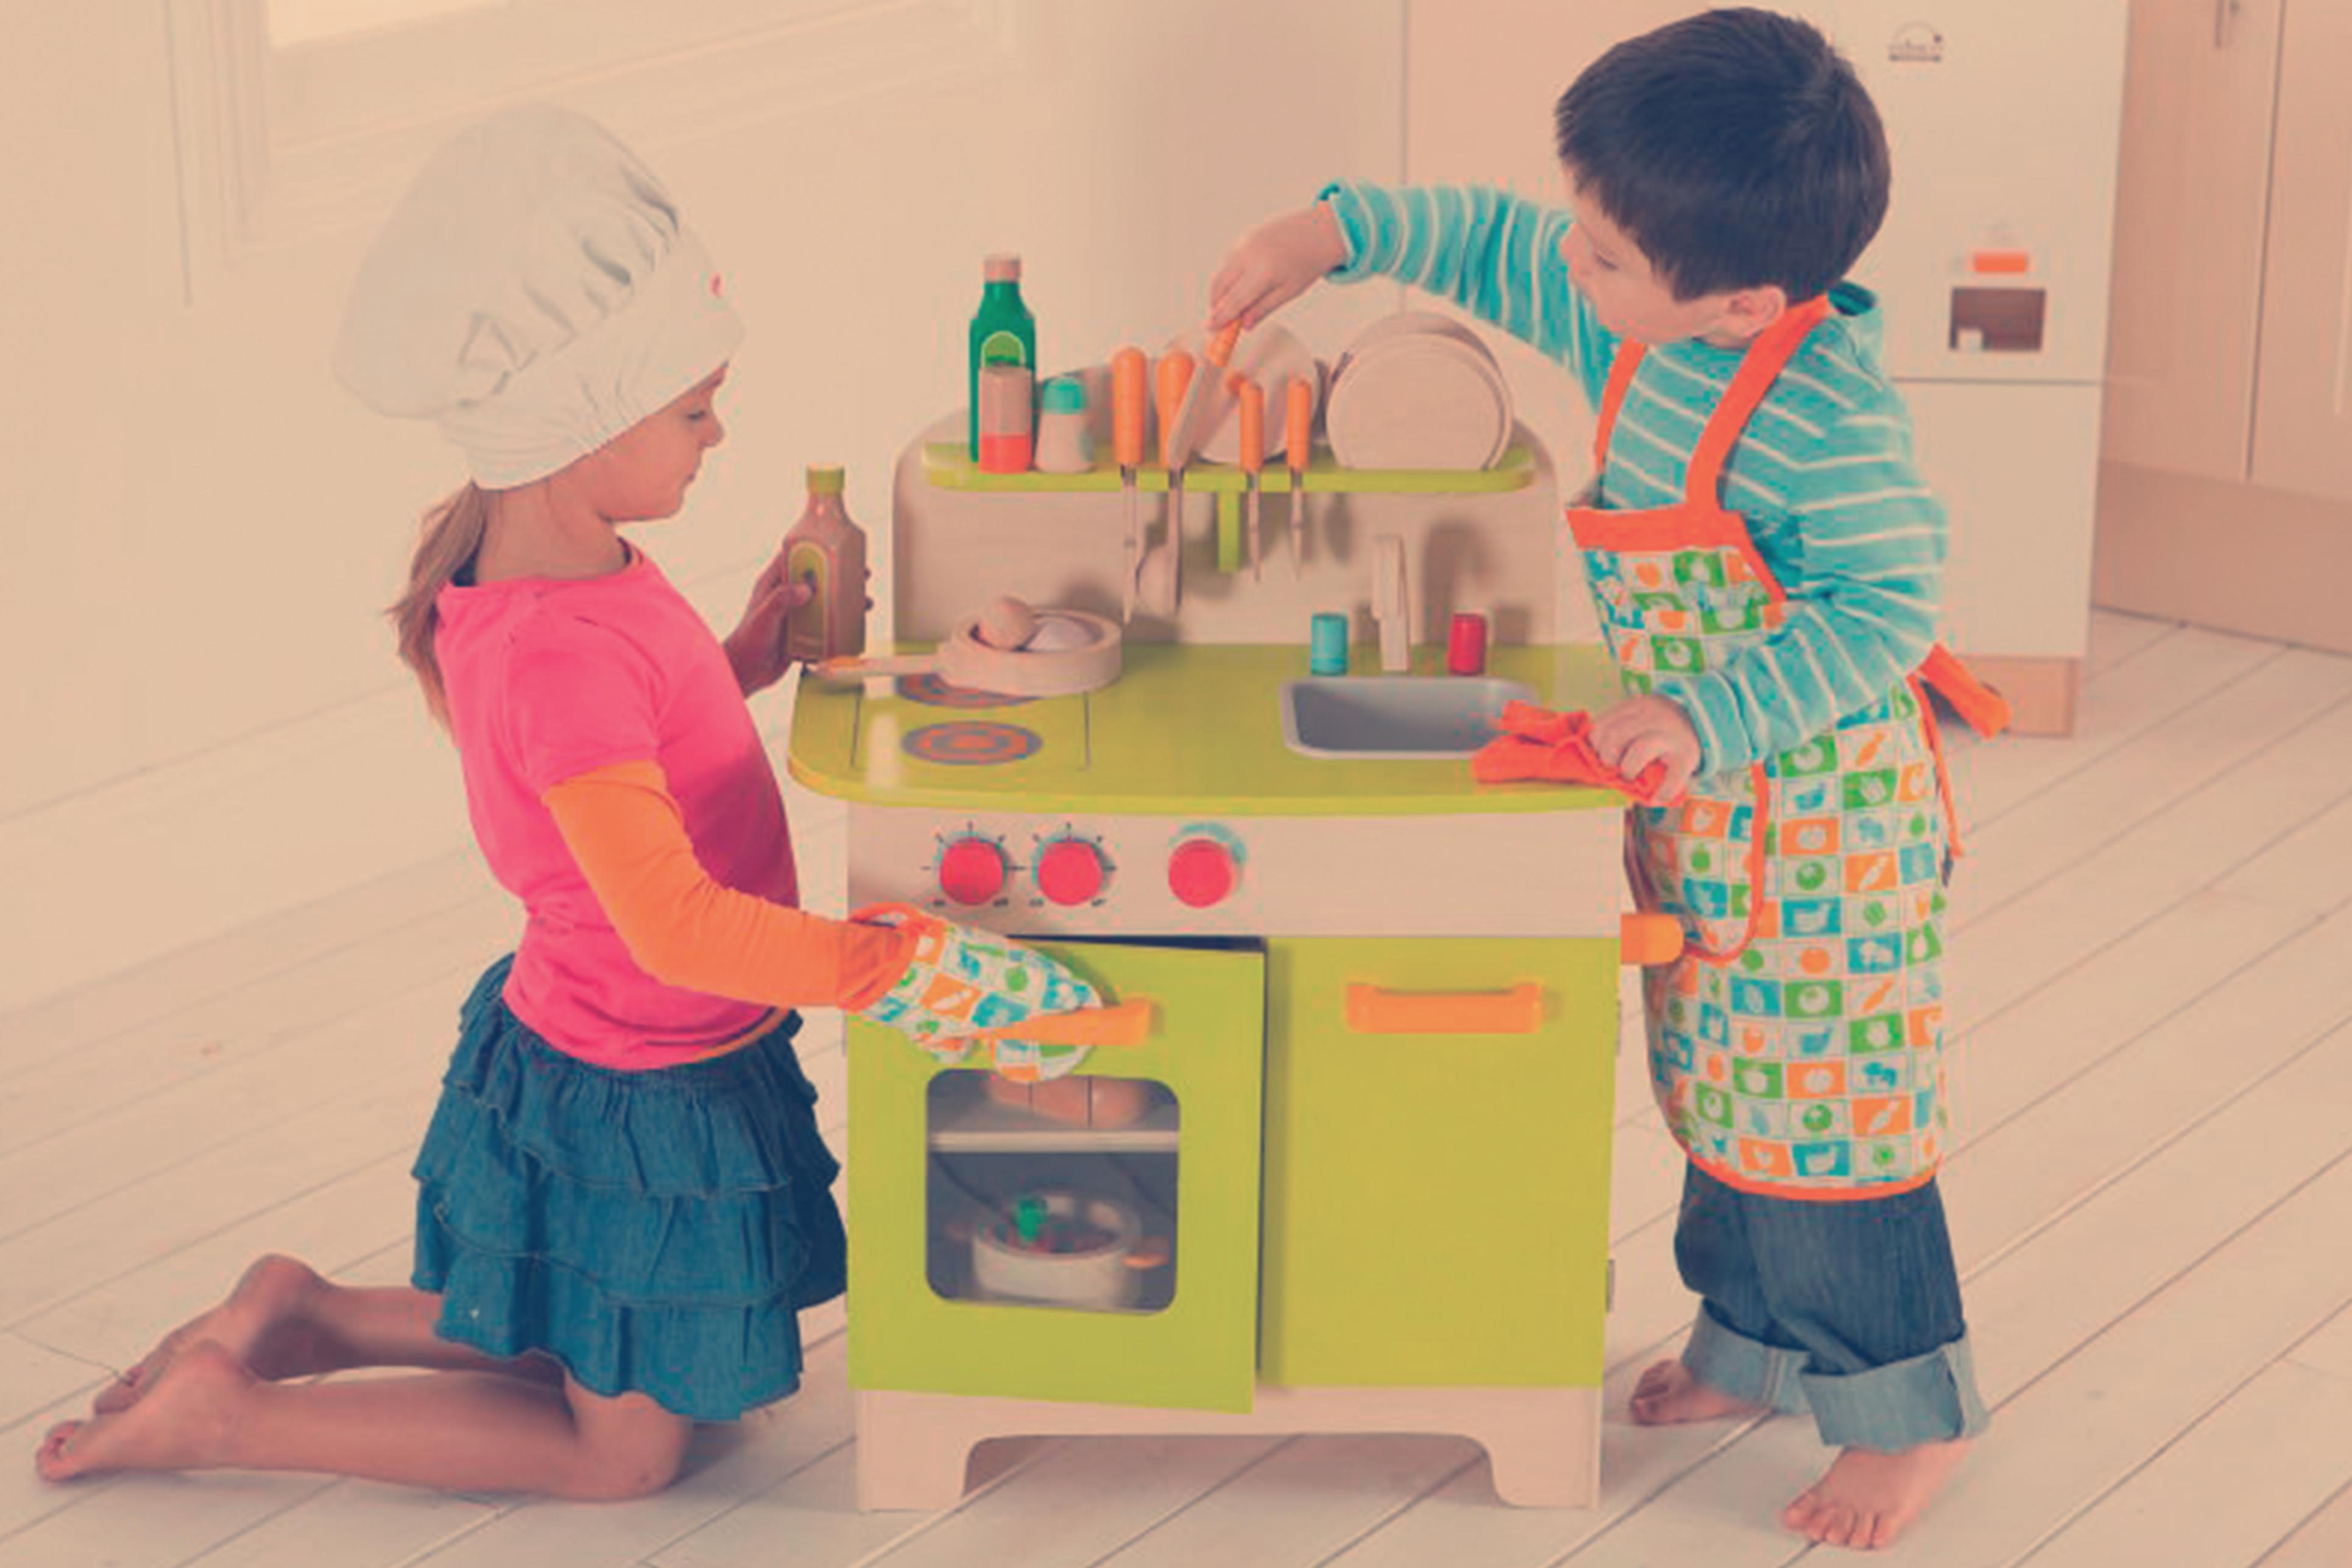 Brincadeiras com utensílios de casinha e diferentes kits - Imagem Loja Cuba ©